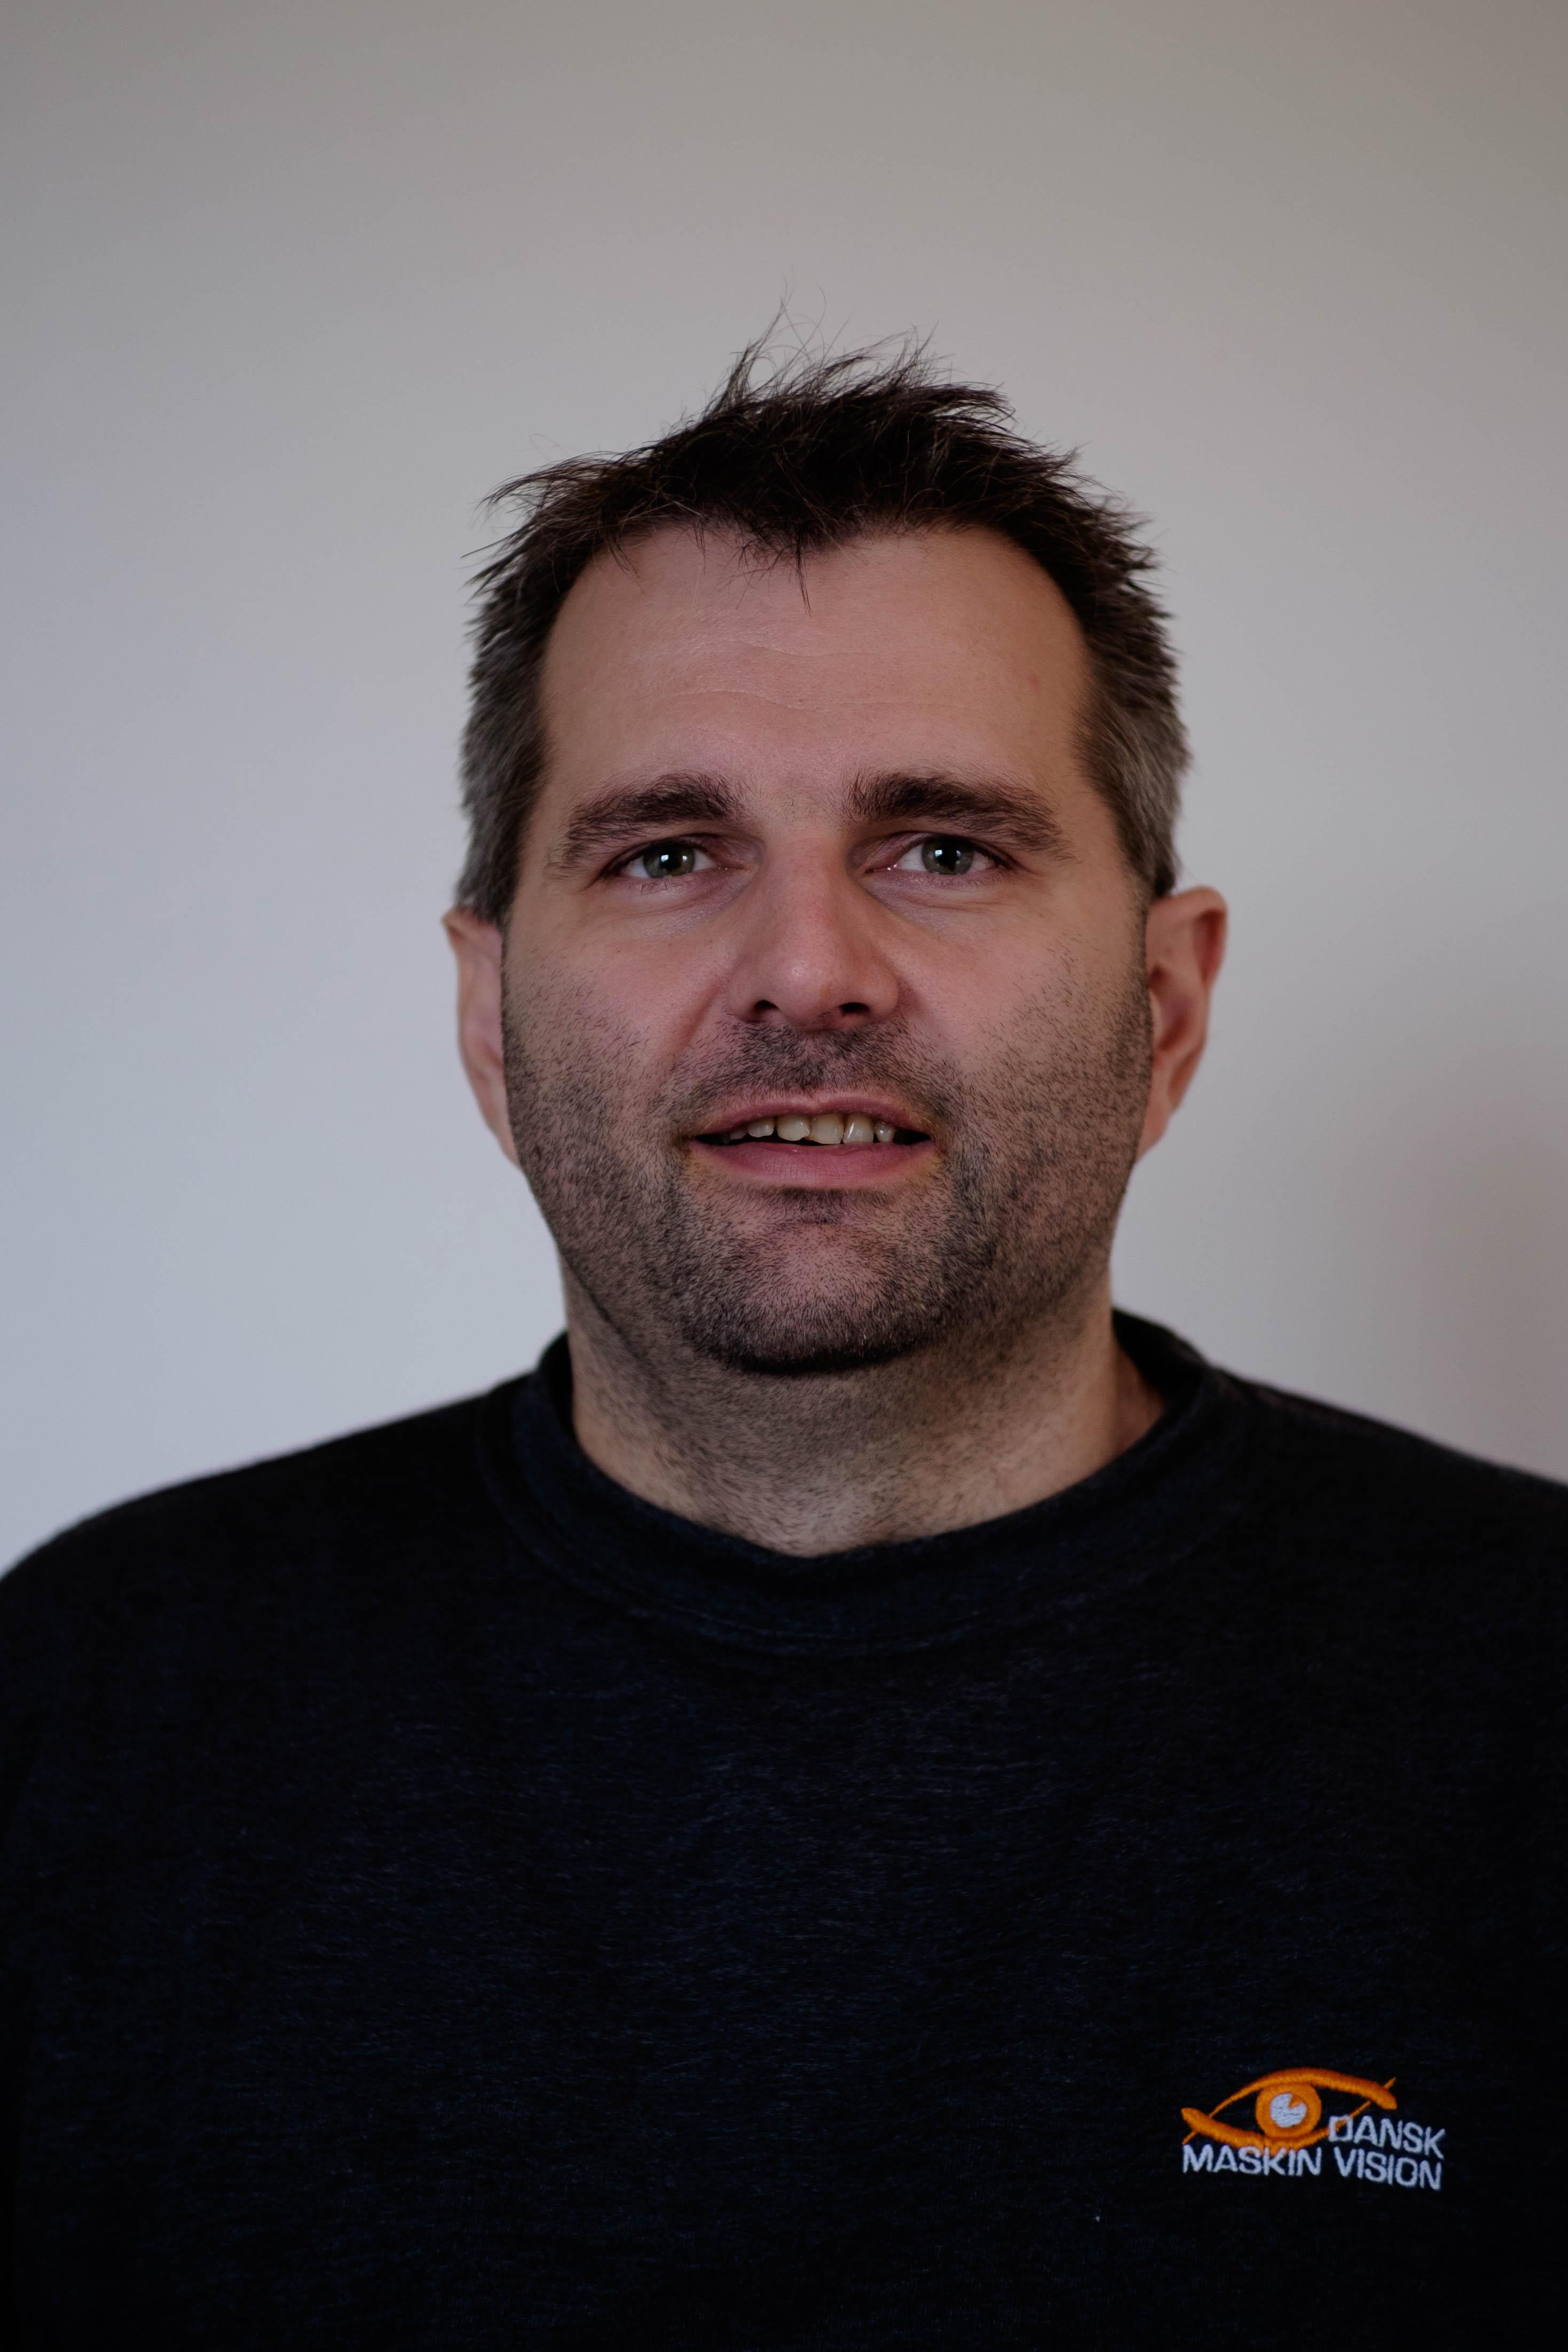 Bo Wendelboe Sørensen : Udvikler